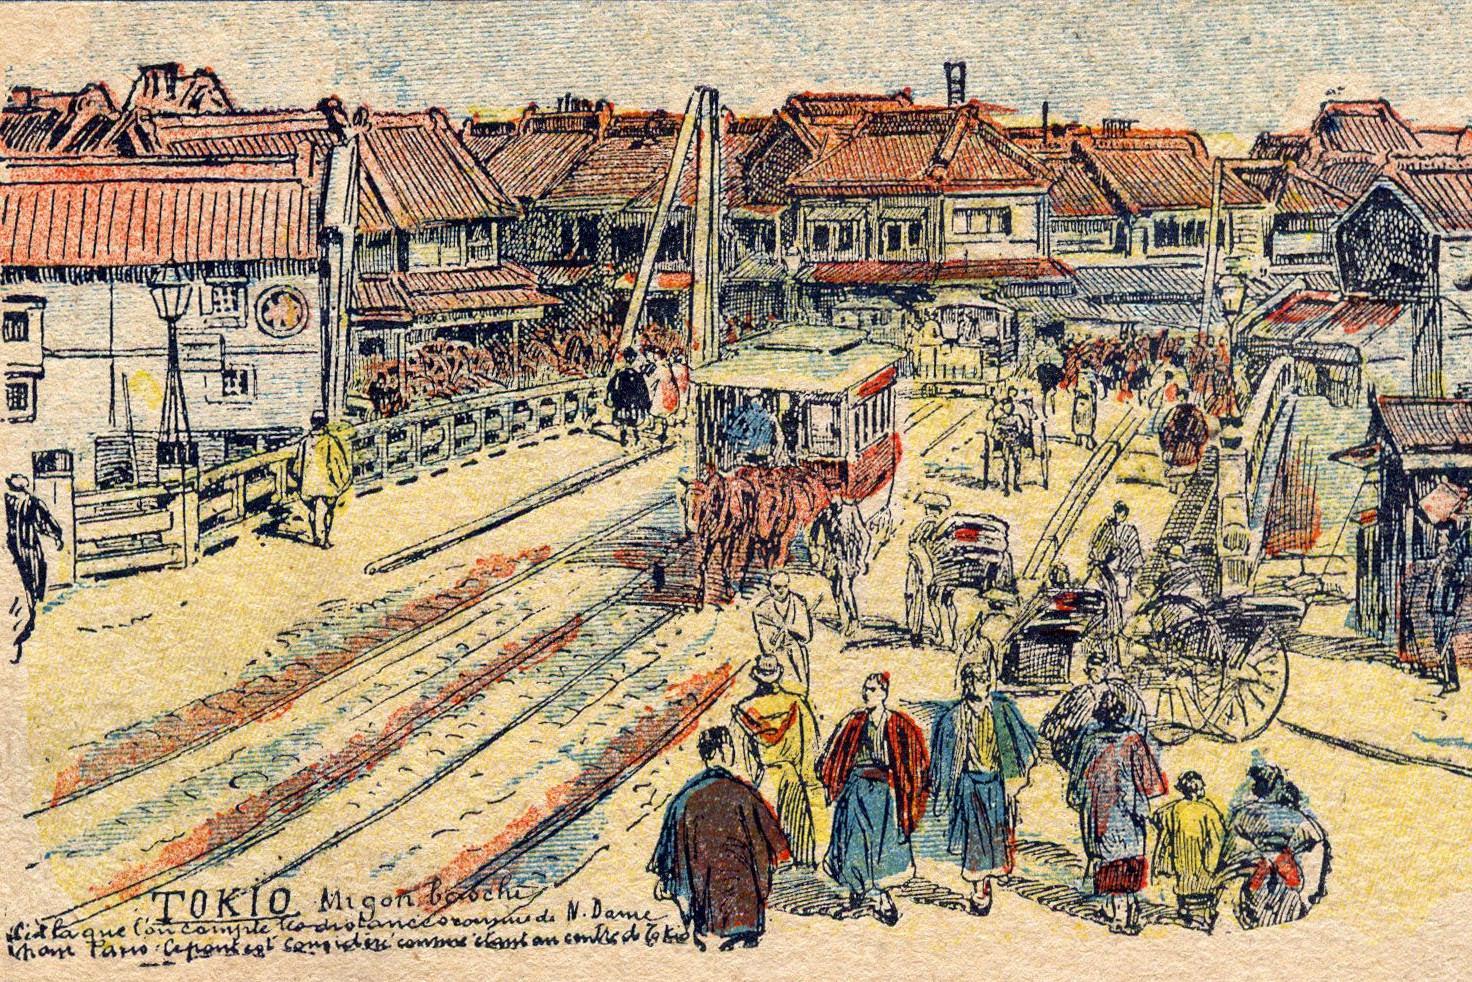 Razglednica iz Tokija oko 1900. godine